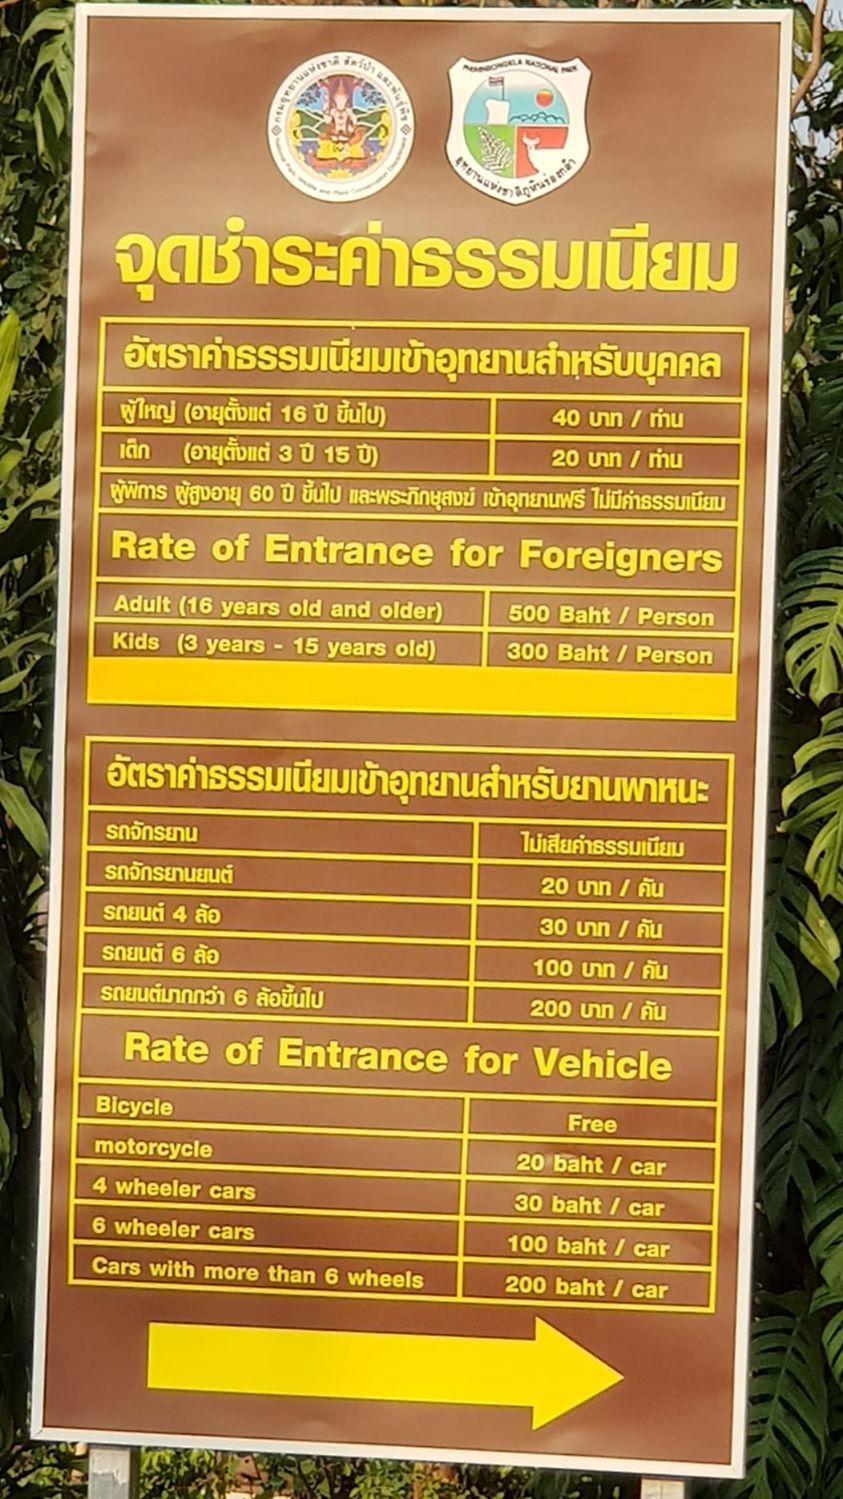 泰國不少景點對外國人收費比本國人高得多。圖╱取自臉書粉專2PriceThaila...